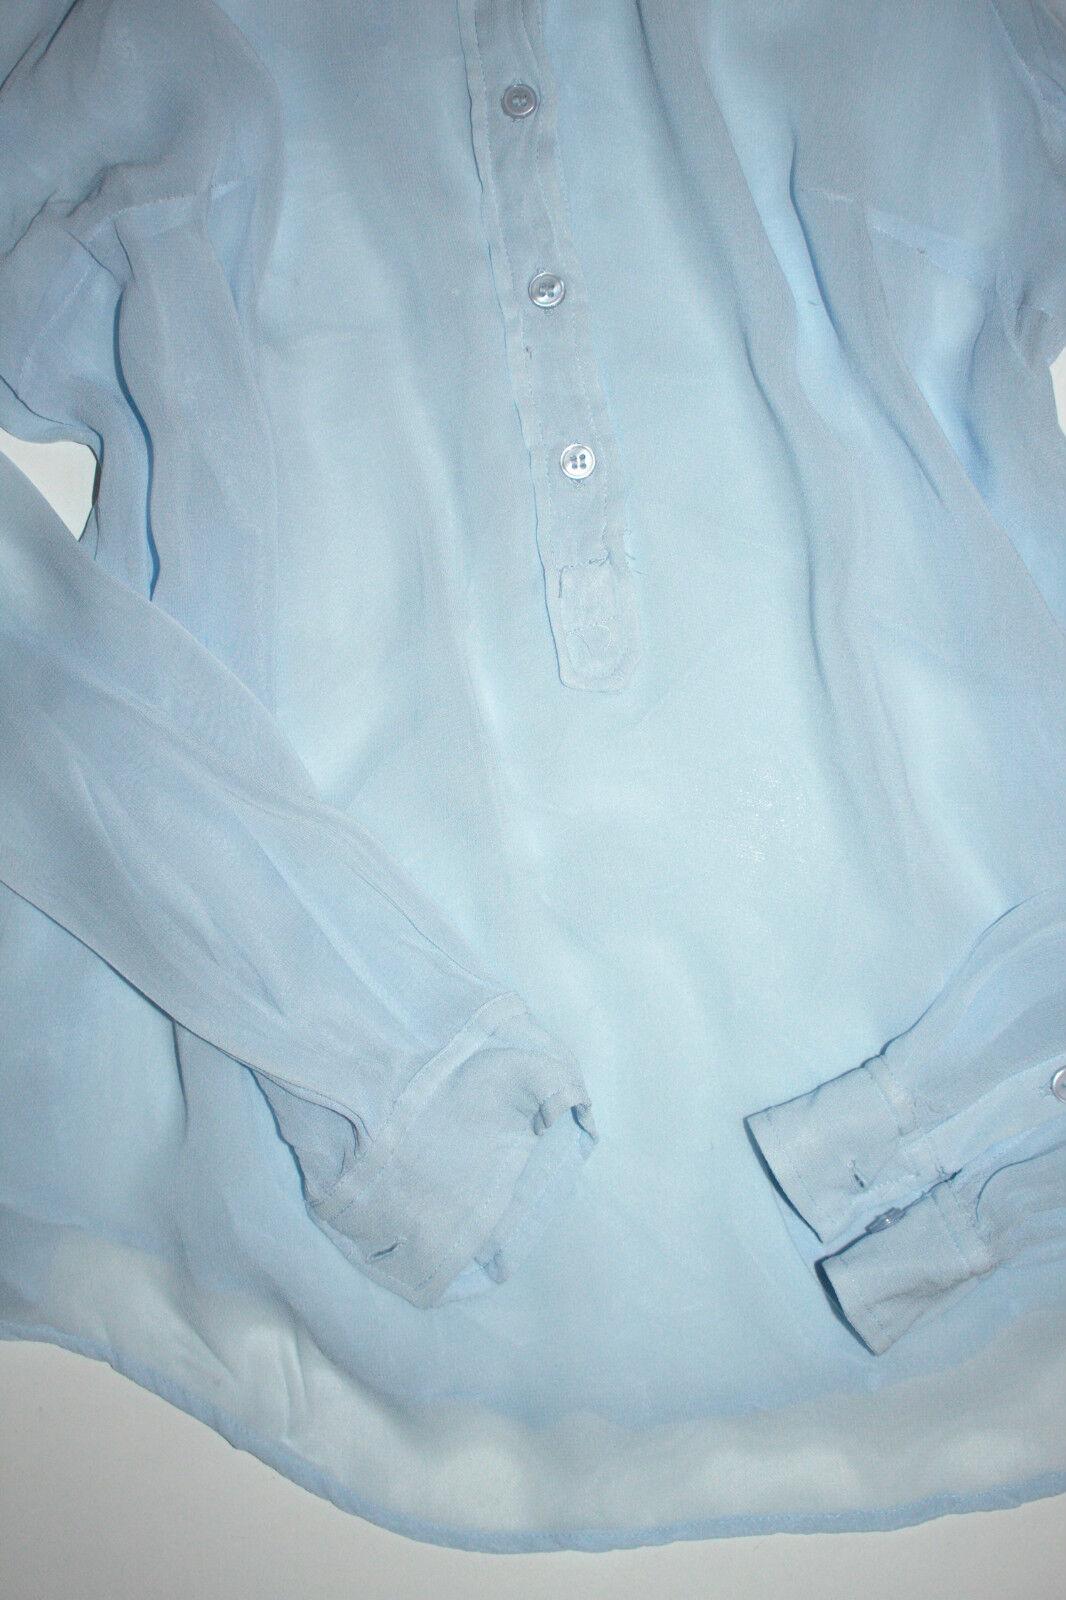 Noa Noa Nostalgie Blause Light Lavender Lilac Langarm Langarm Langarm Transparent Größe  M  Neu | Billiger als der Preis  | Der neueste Stil  | Authentisch  | Sale Deutschland  | Vorzugspreis  aac38f